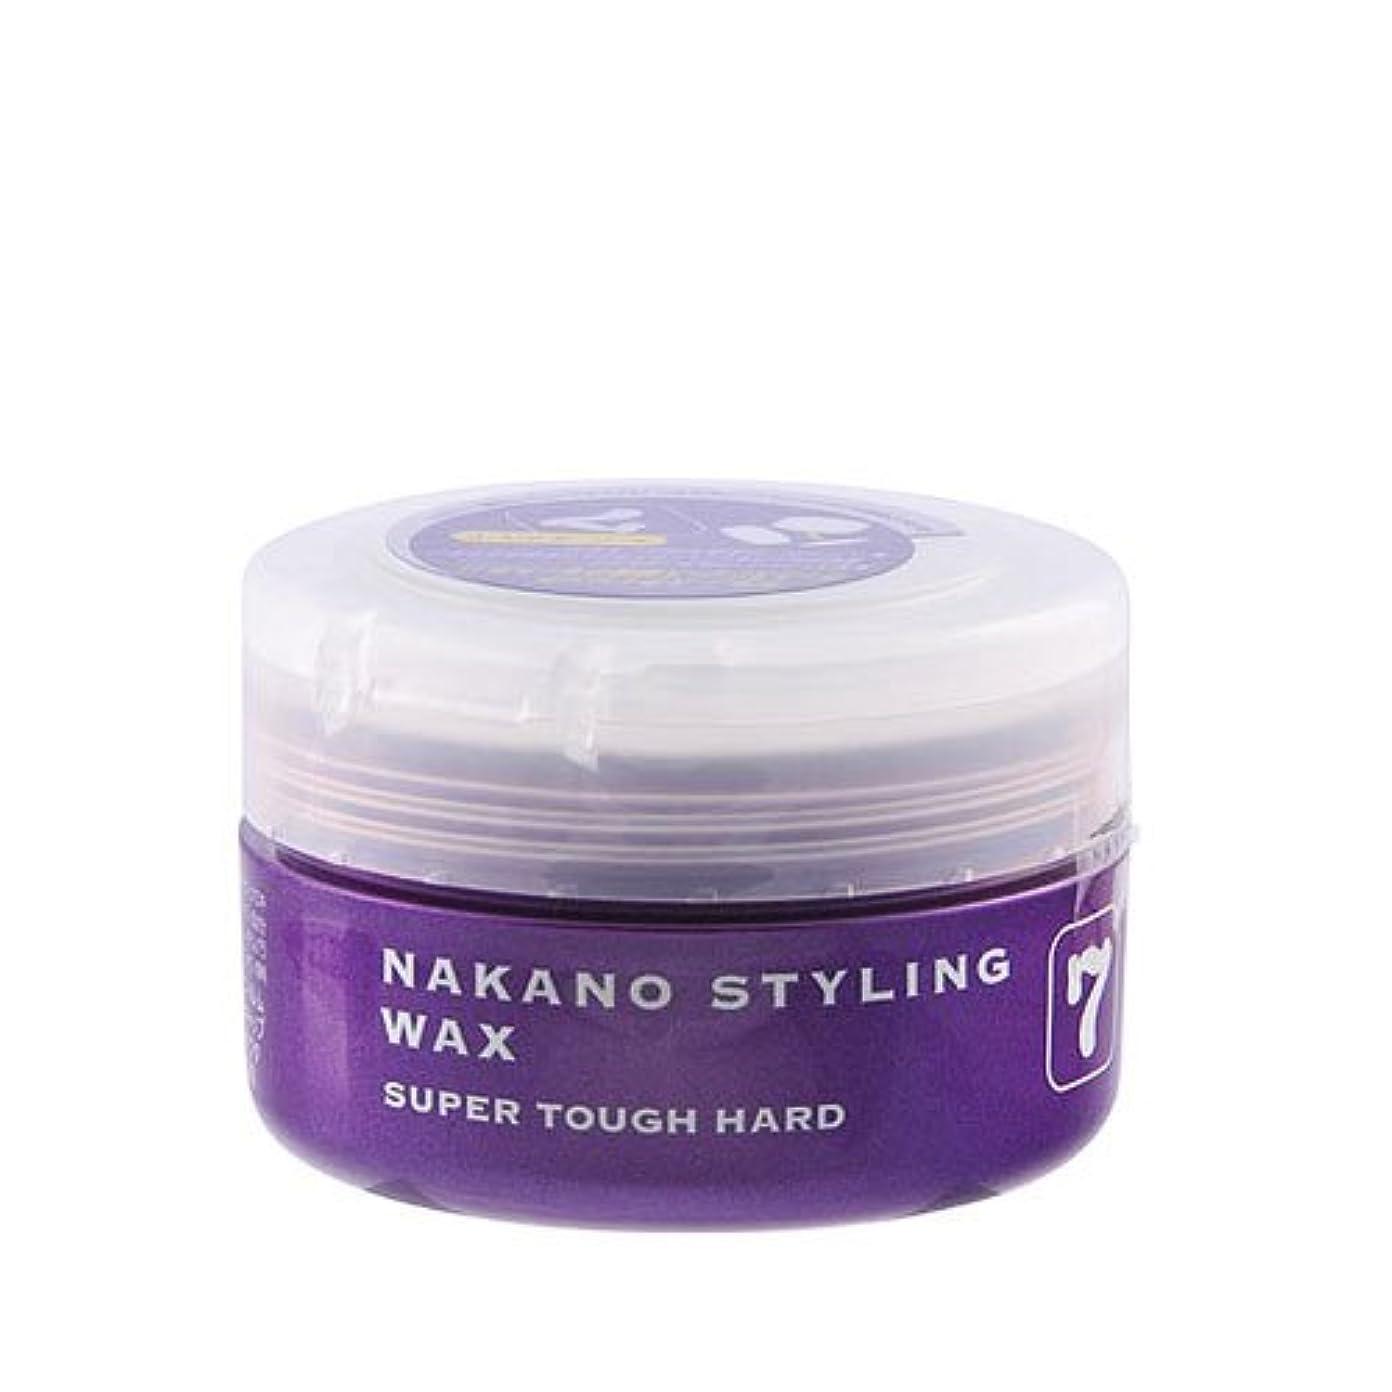 消毒する浮く式ナカノ スタイリングワックス 7 スーパータフハード 90g 中野製薬 NAKANO